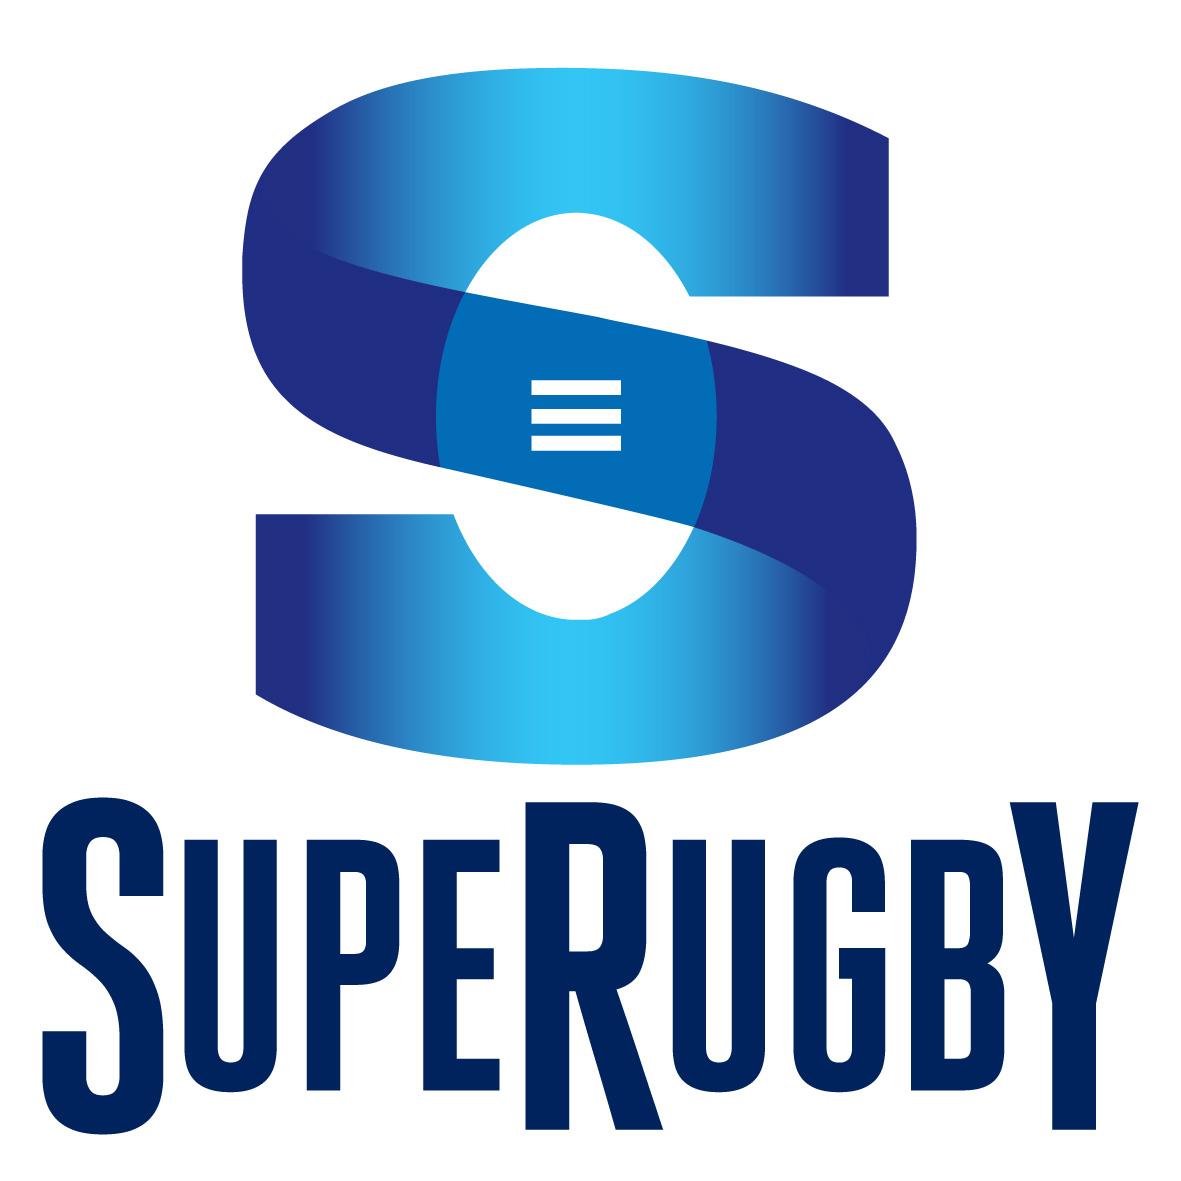 Super_Rugby_Main_RGB_LOGO